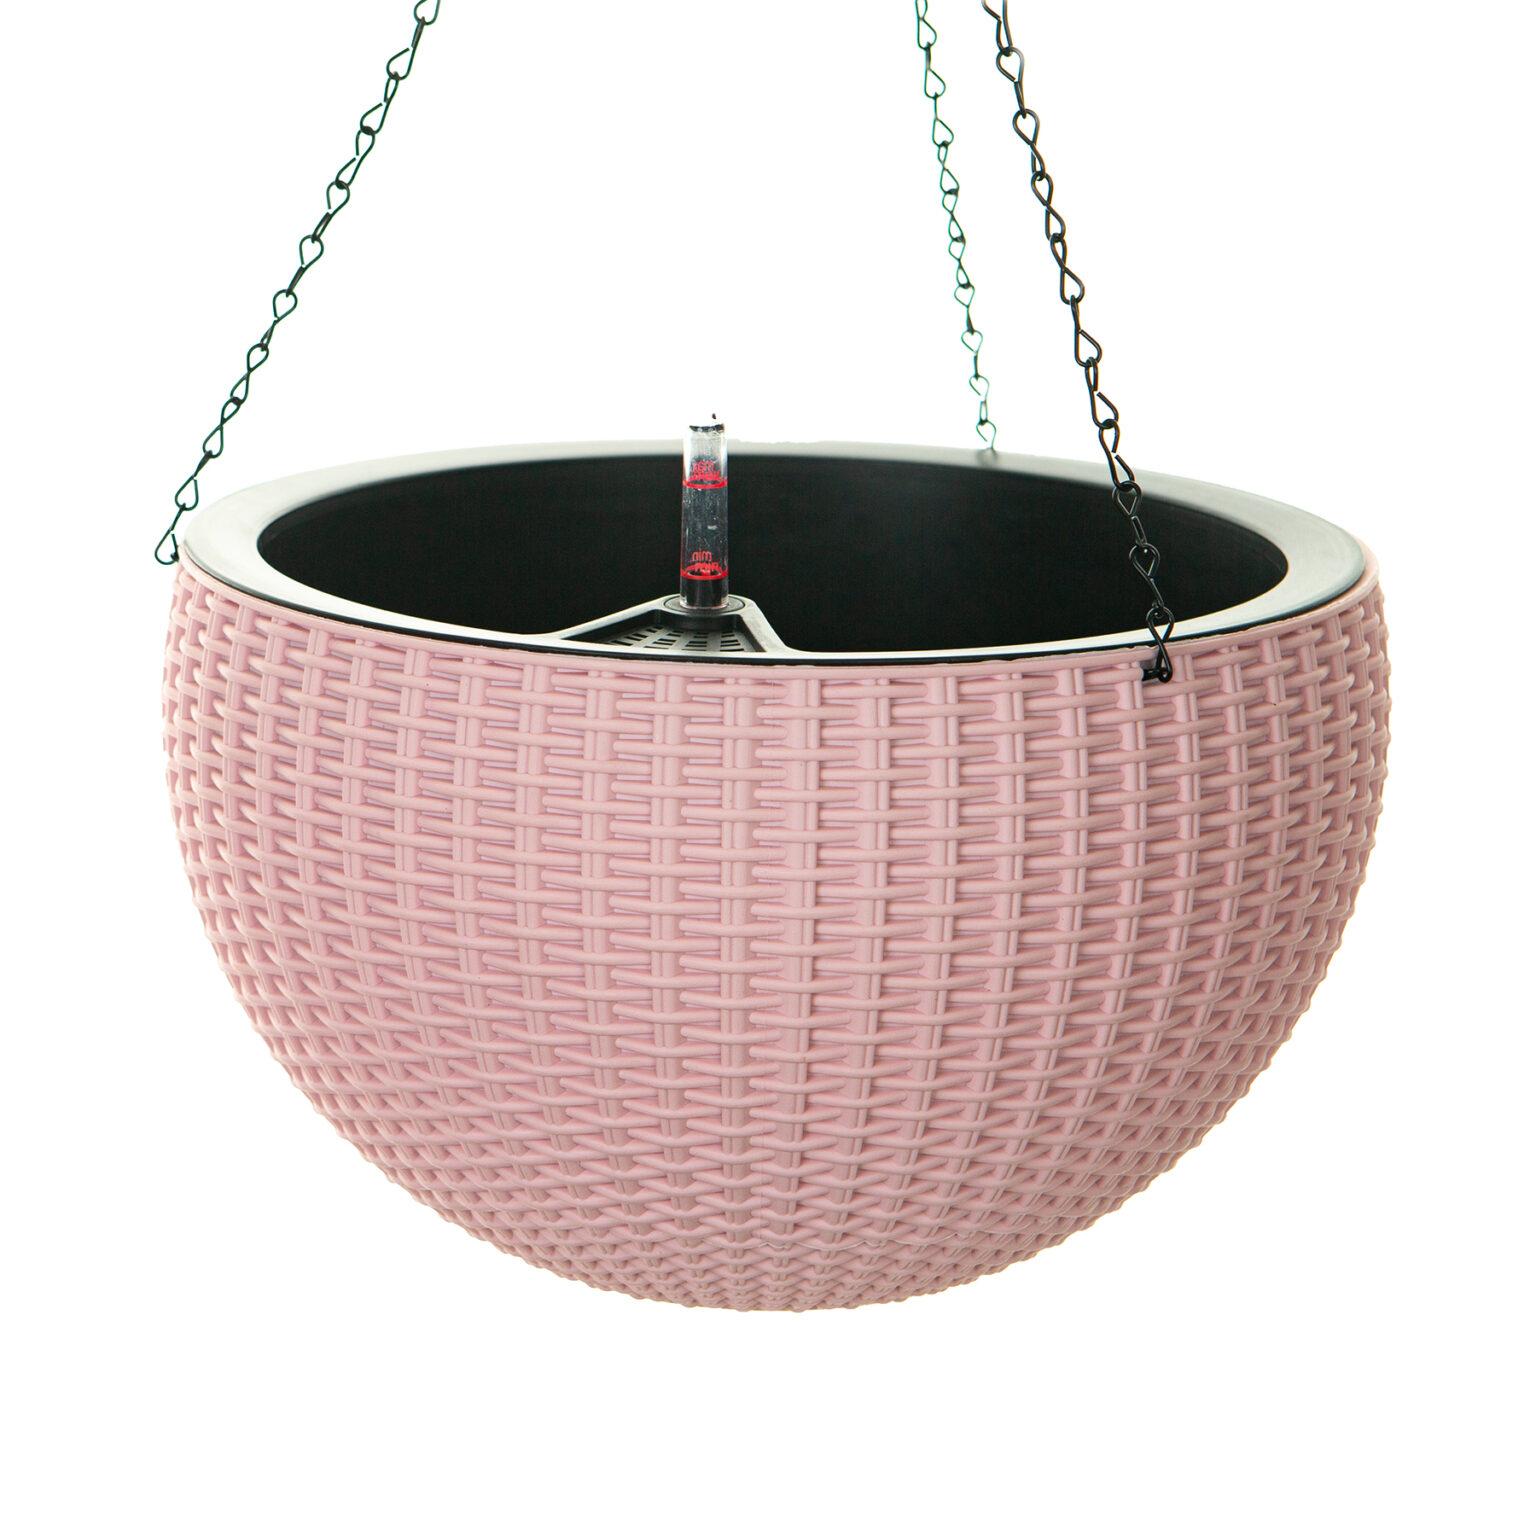 ShopDePalma Self-Watering Hanging Basket